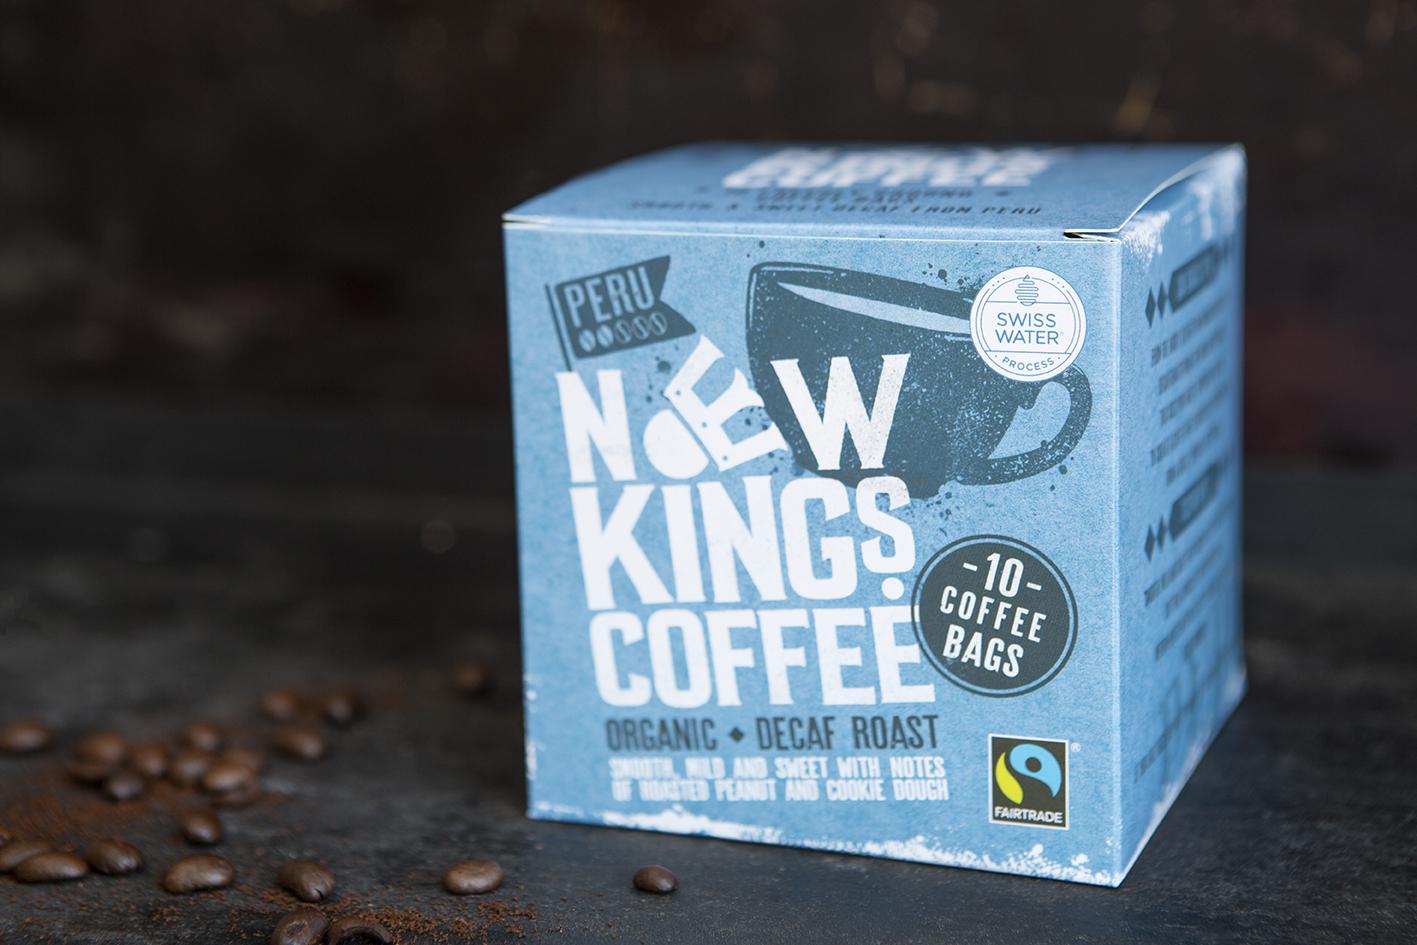 New-Kings-Coffee-Bags-Fairtrade-Organic-Decaf-Roast-10.jpg